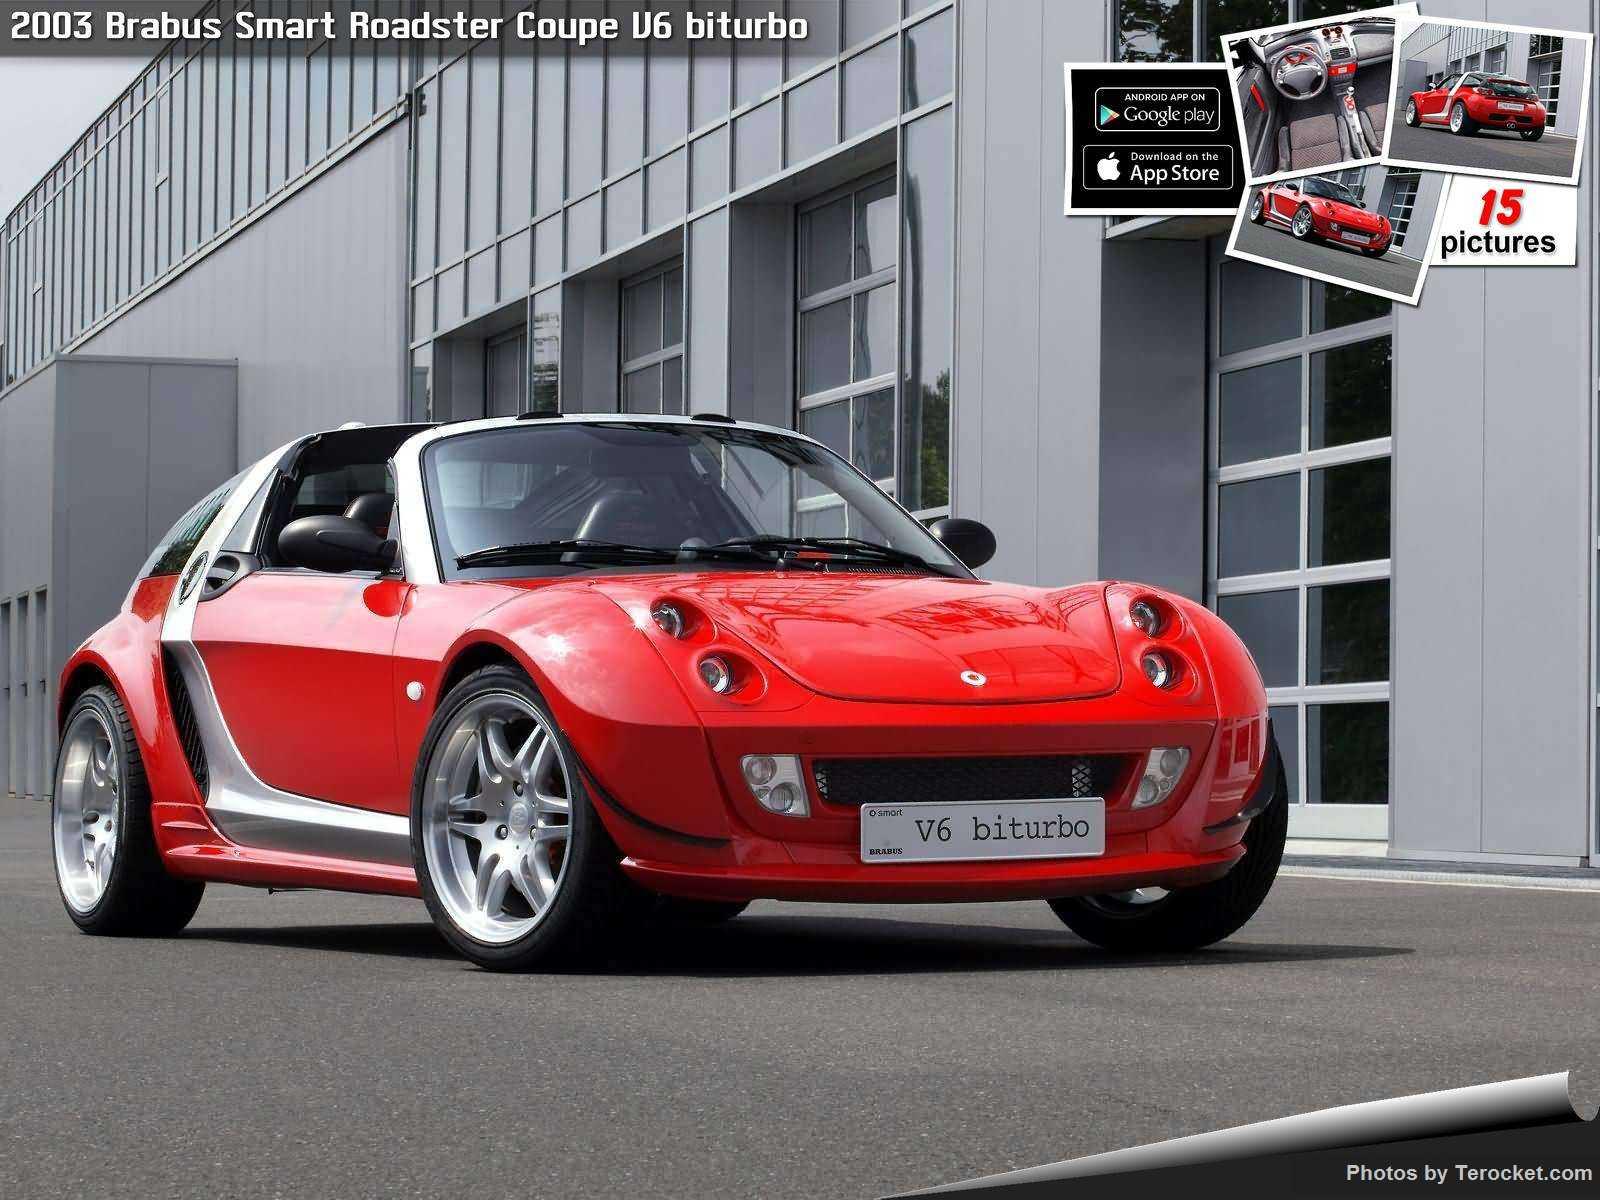 Hình ảnh xe ô tô Brabus Smart Roadster Coupe V6 biturbo 2003 & nội ngoại thất